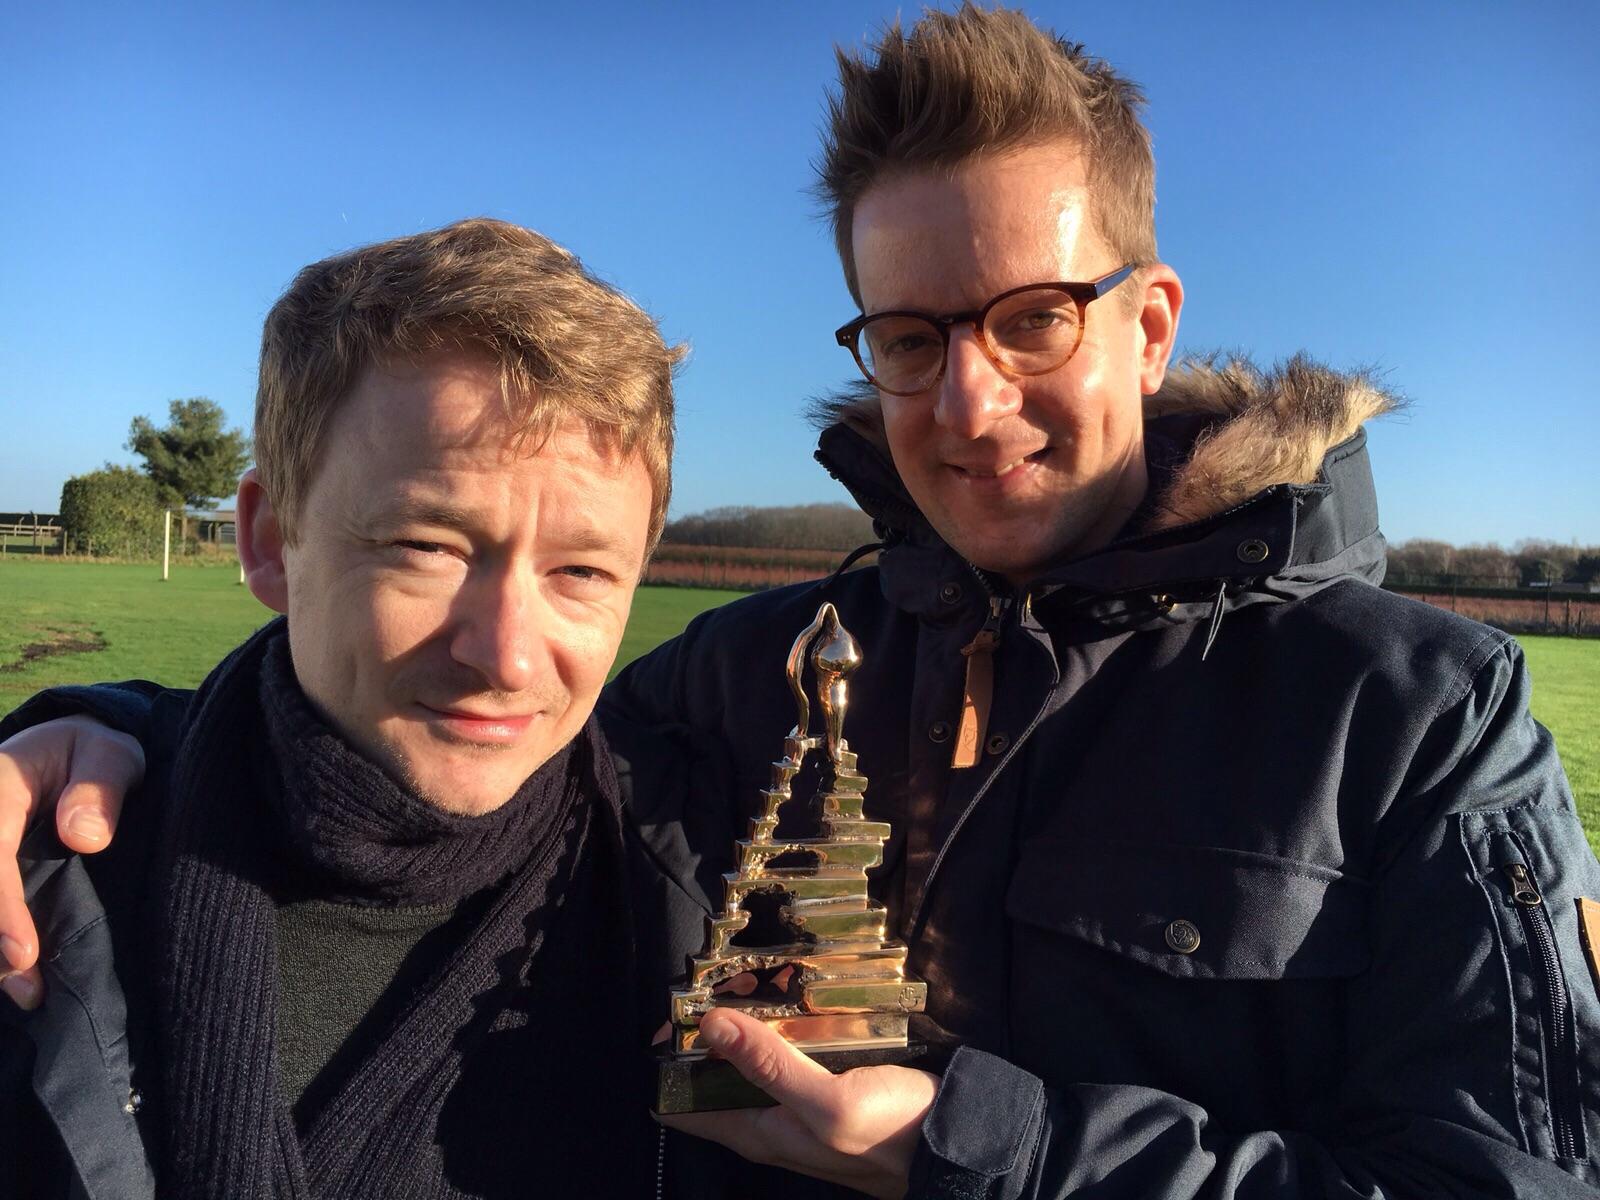 wart kamps en alex klaasen winnaars musical awards 2016 vieren feestje tijdens verblijf bij buitengoed de gaard leudal